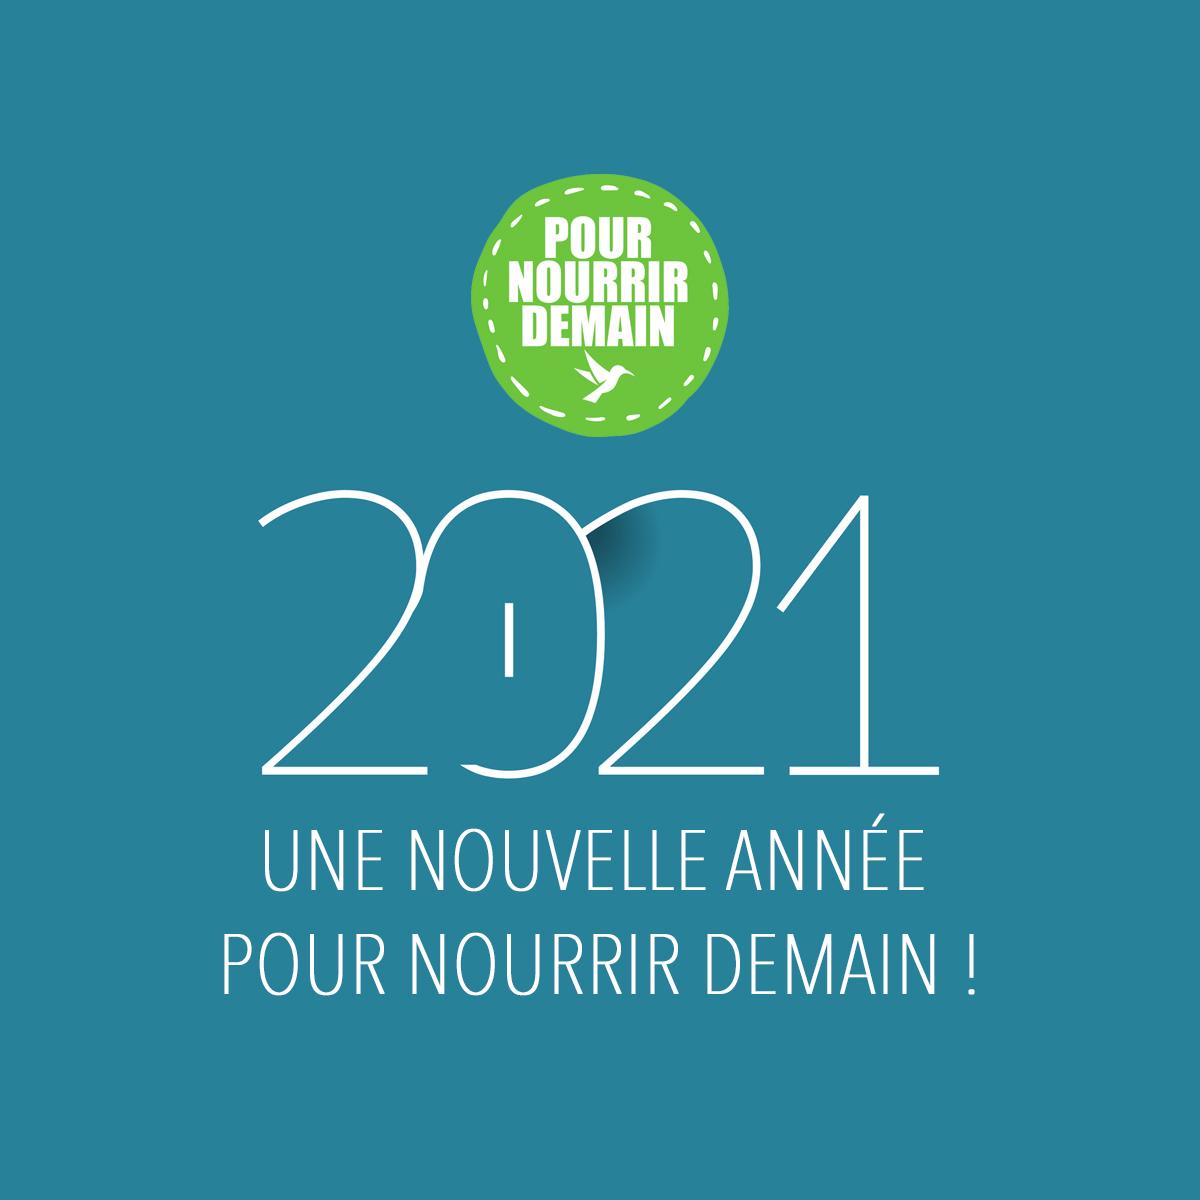 2021 - 2021, une nouvelle année Pour nourrir demain !